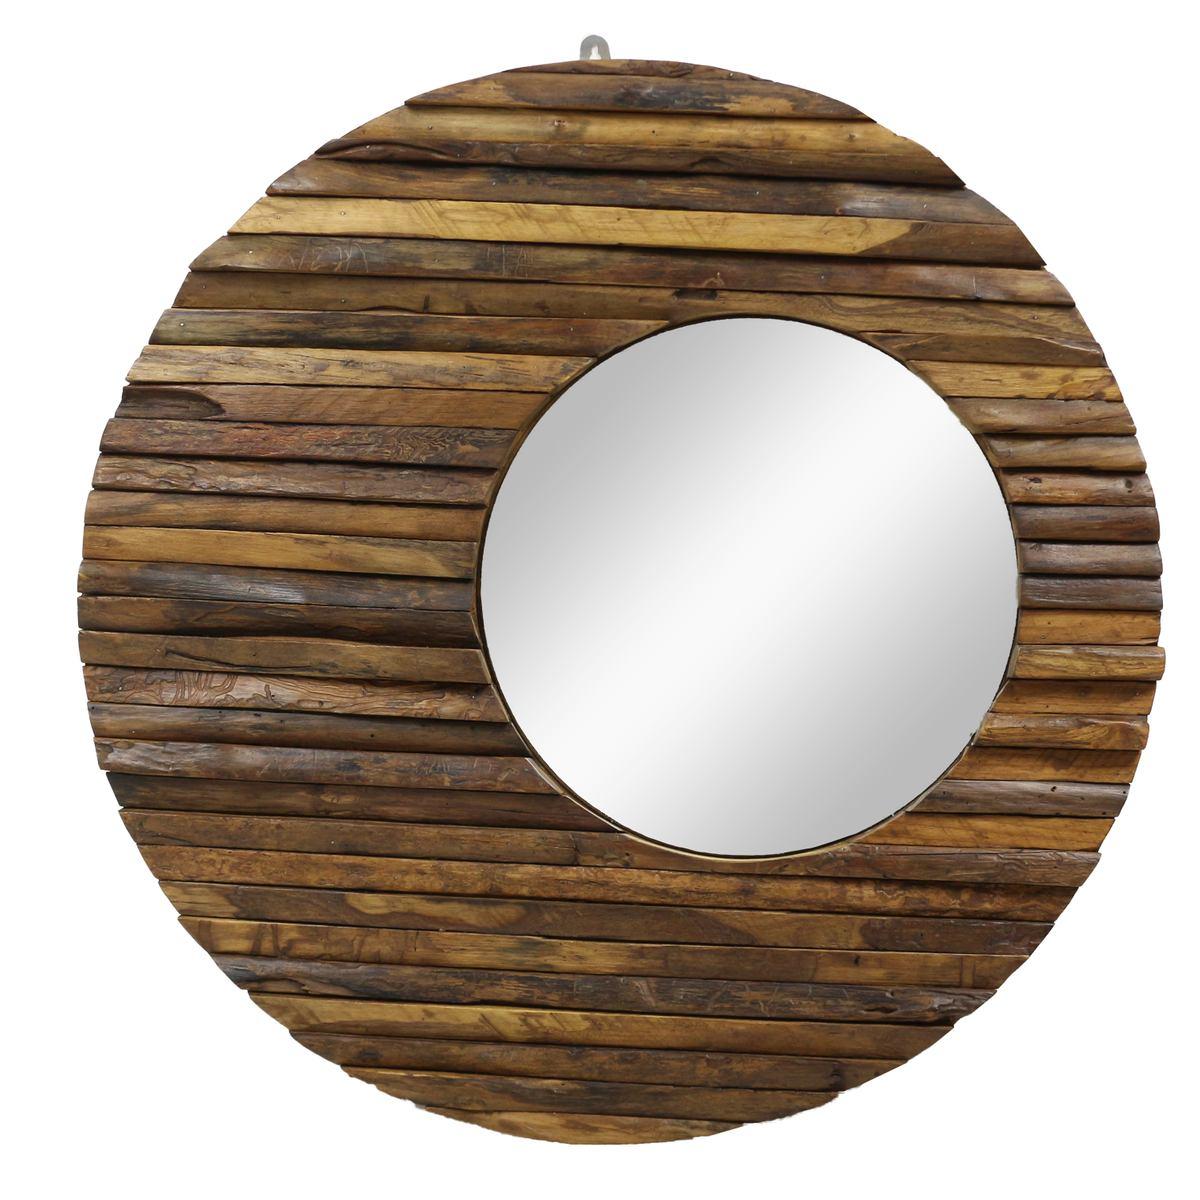 Runder Spiegel Mit Rahmen Aus Holzstücken Sonne Massiv Holzrahmen Wandspiegel Großer Holz Spiegel Ca 80 Cm ø Nr 21 Oriental Galerie